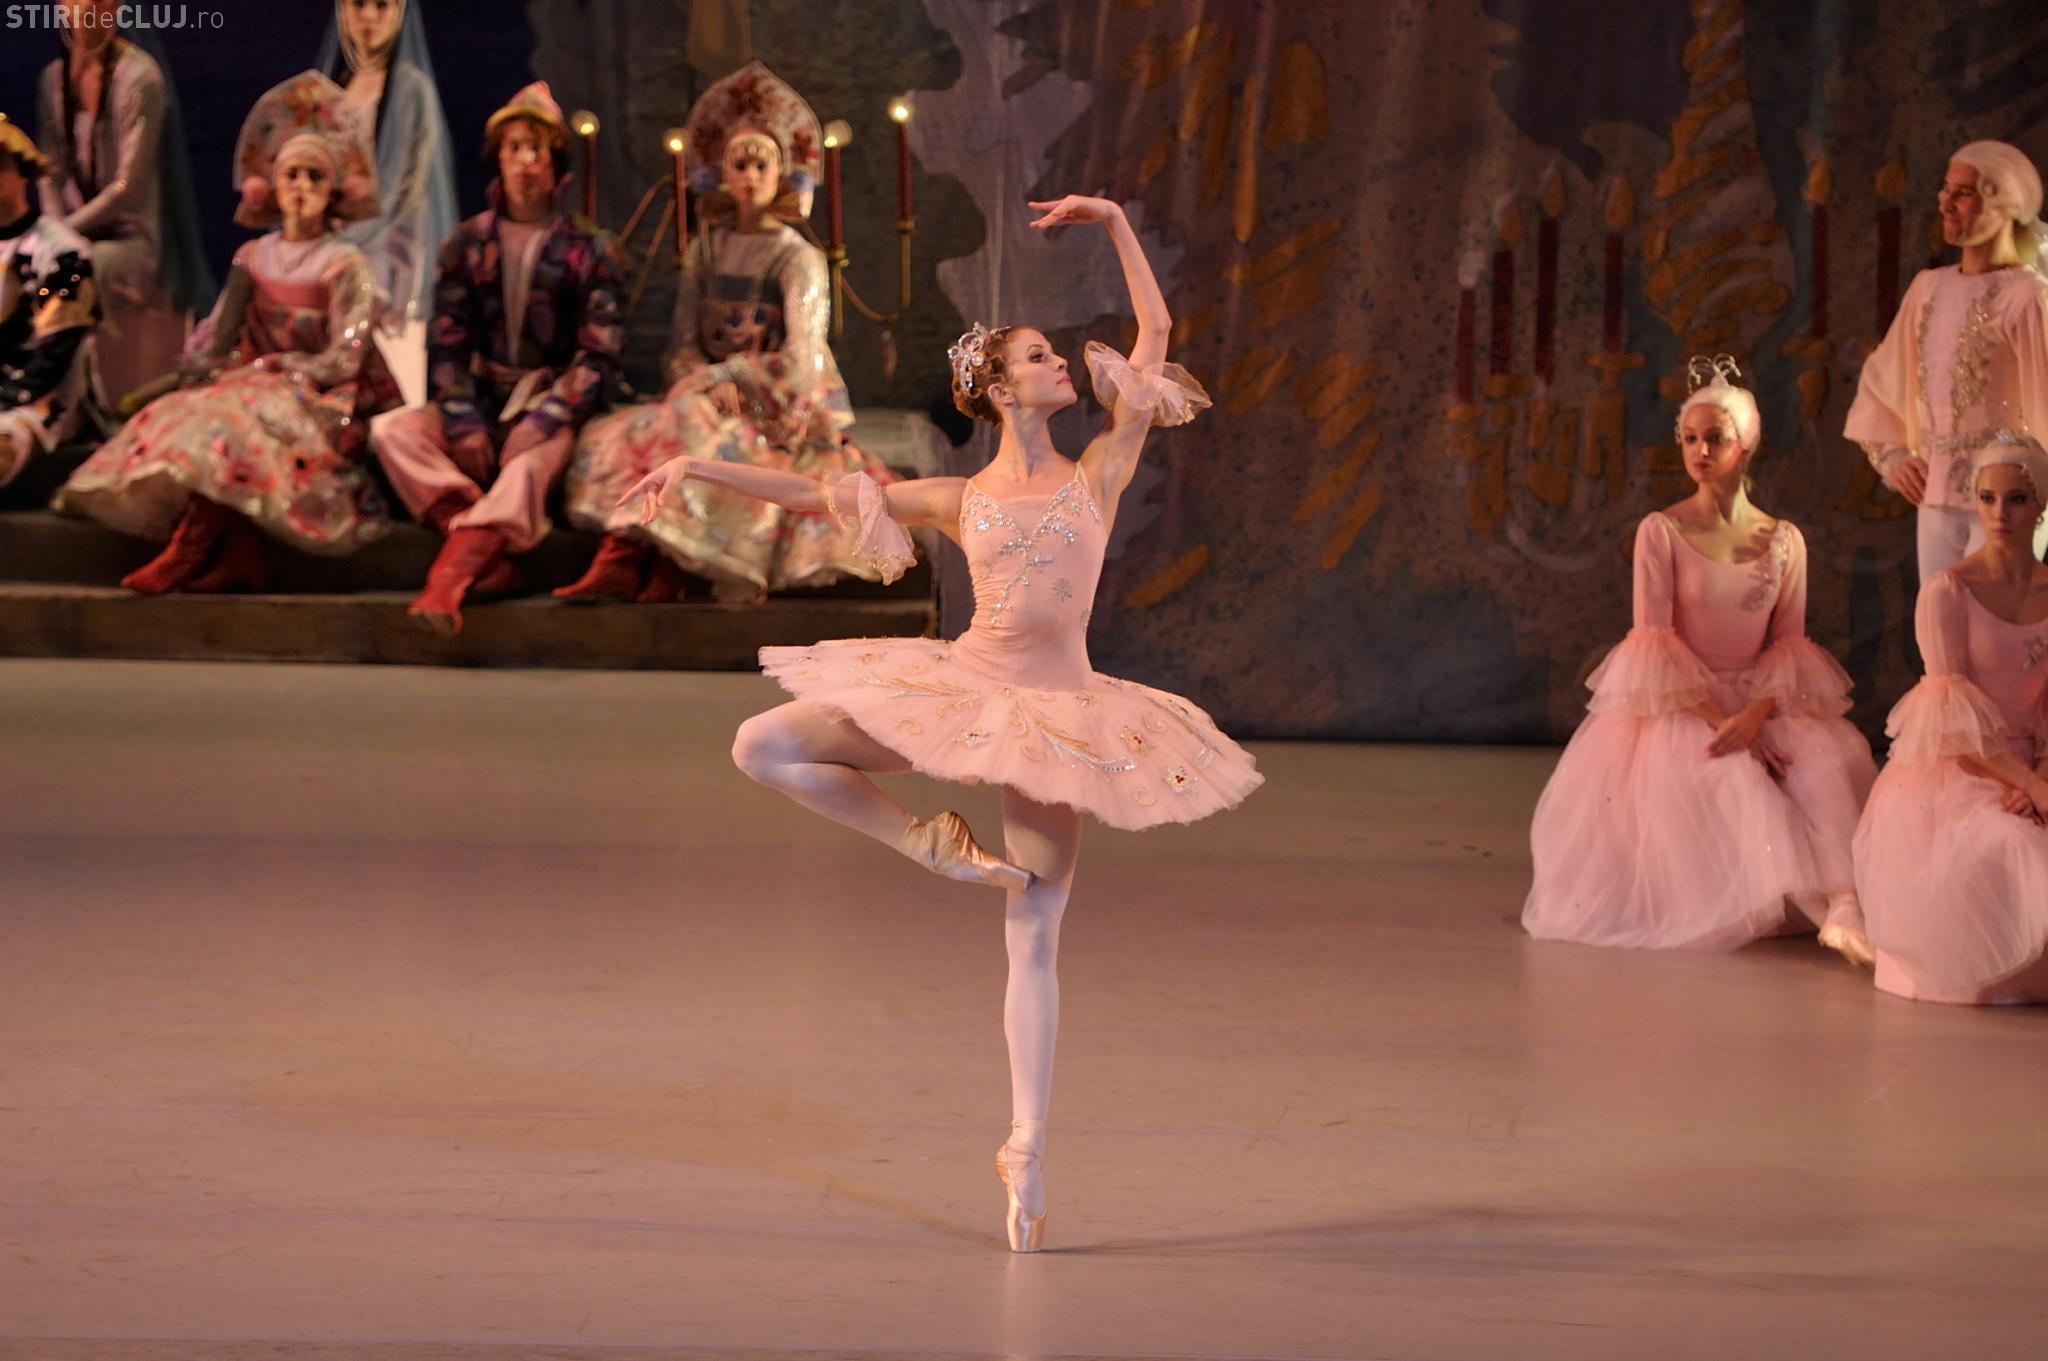 Фото балерины смотреть бесплатно 18 фотография